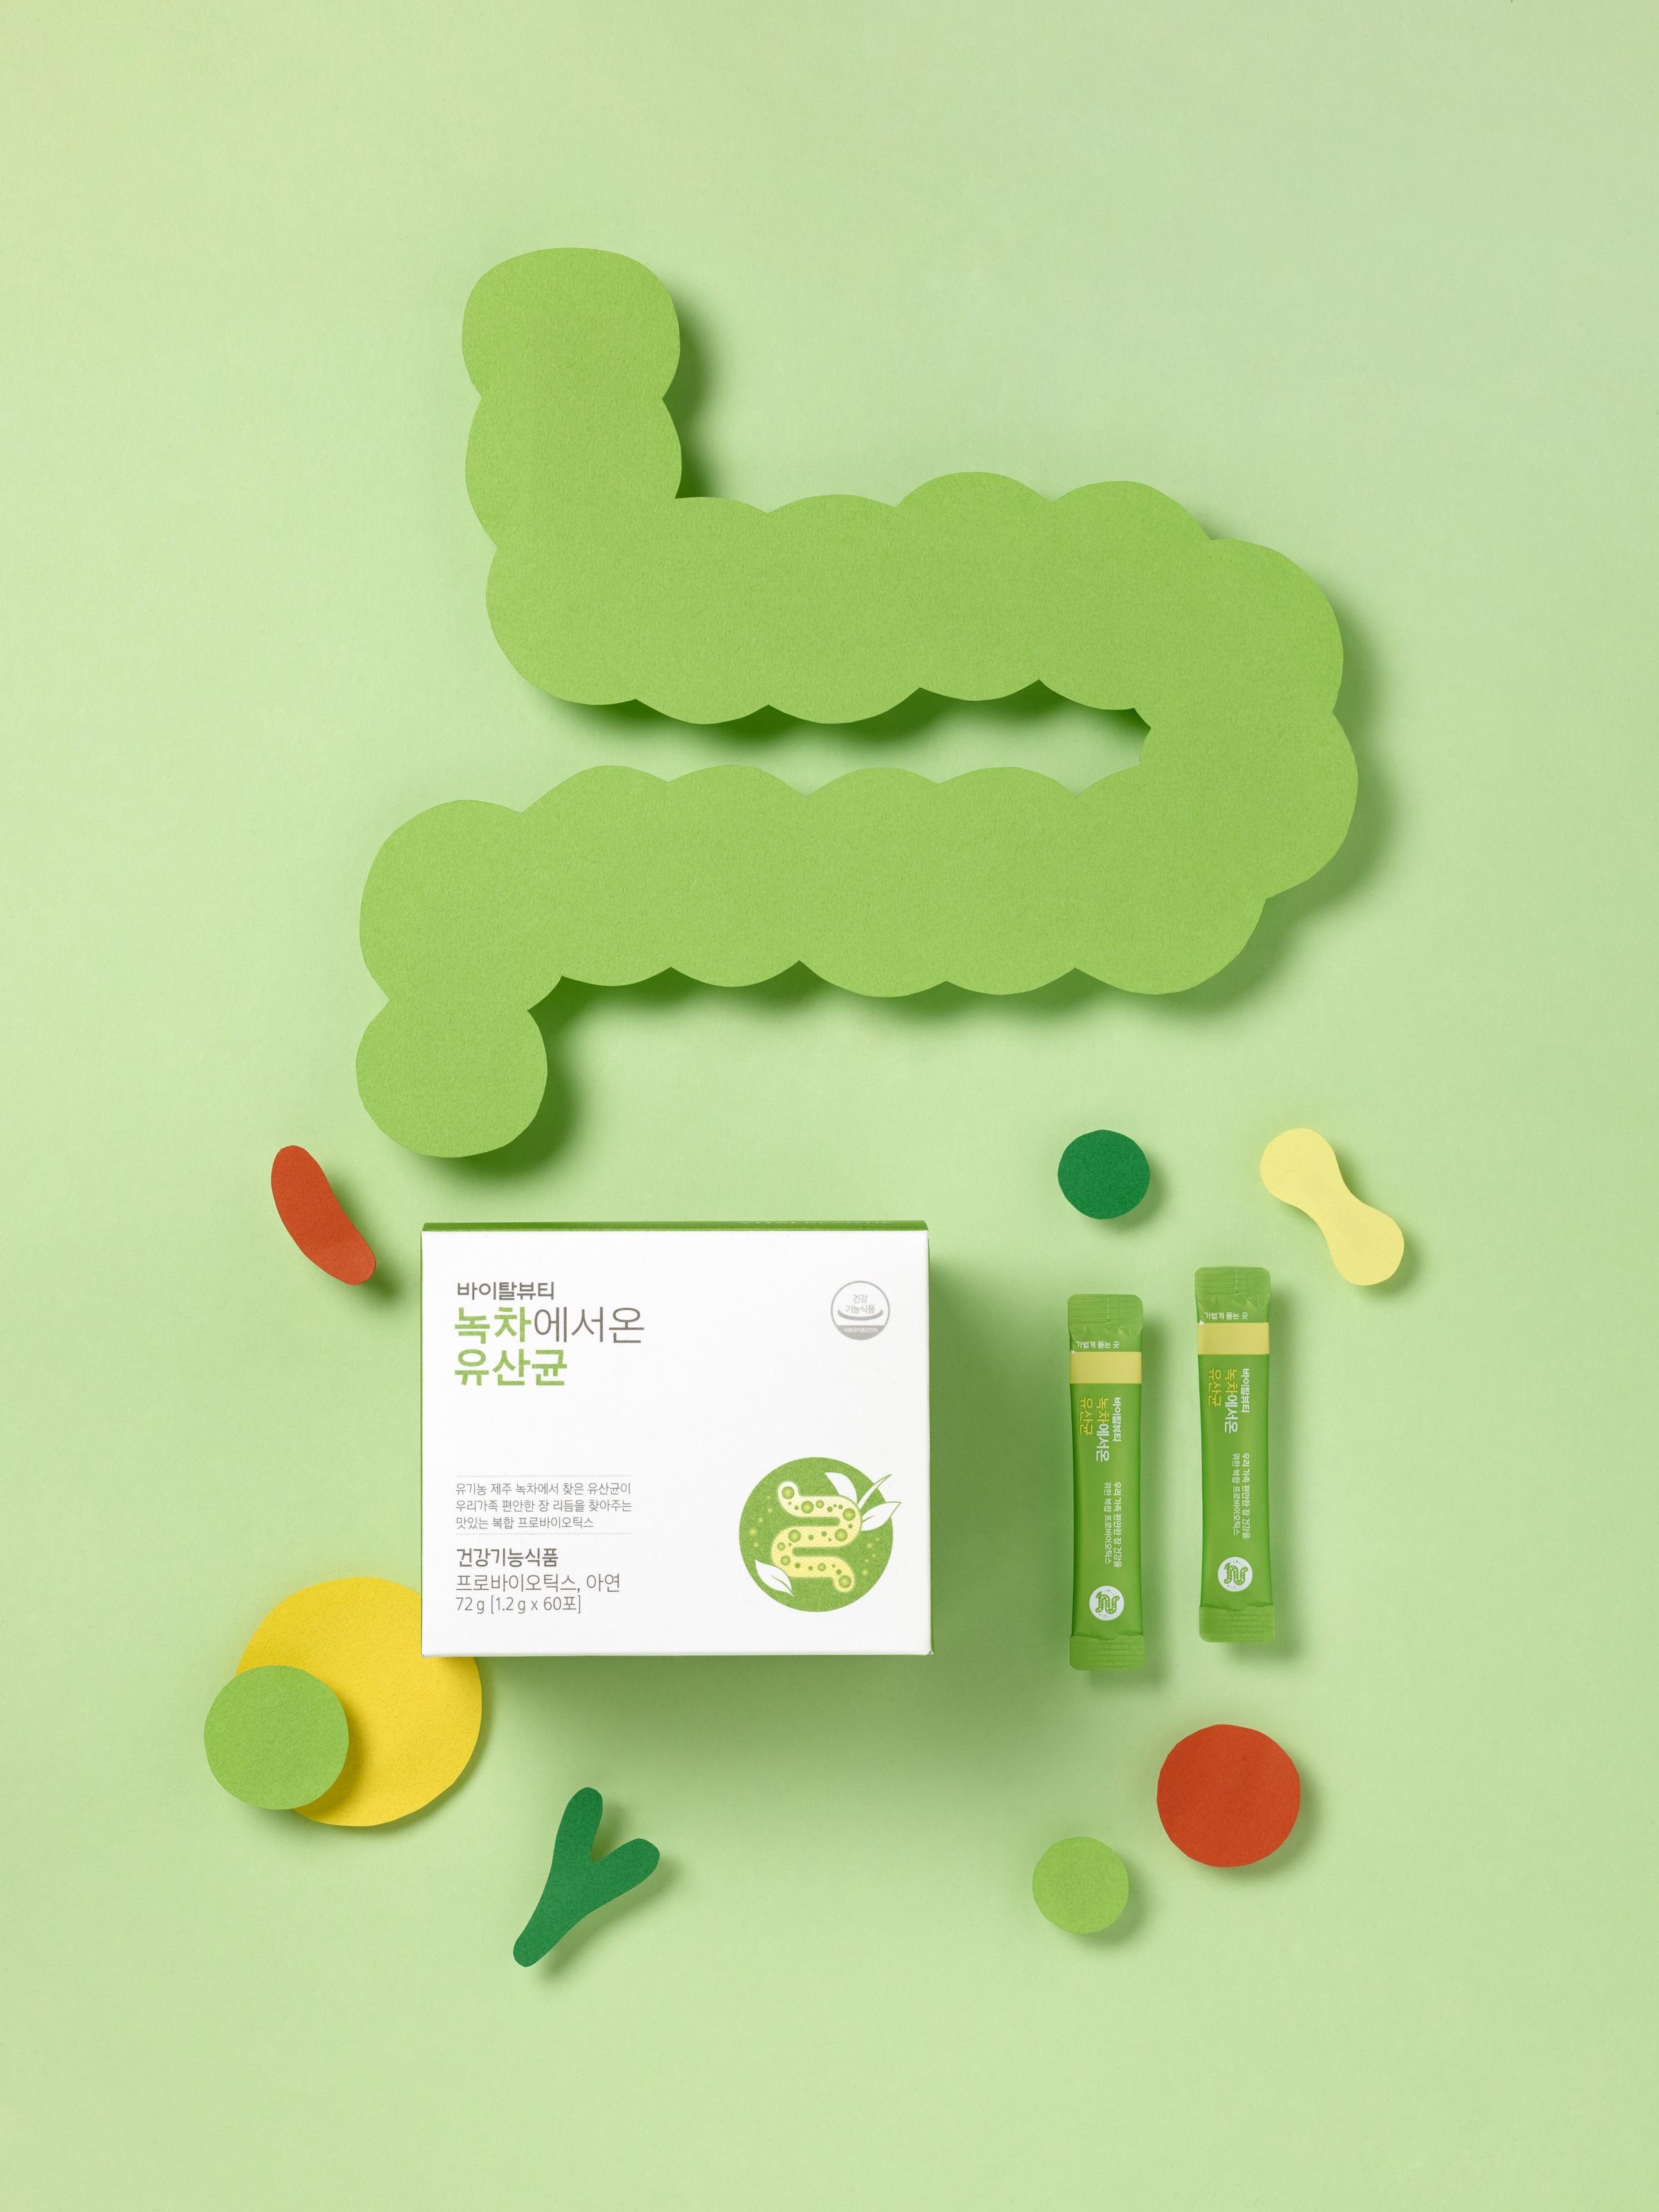 Ngoài nhân sâm và collagen, Vital Beautie cũng có thế mạnh trong sản xuất các sản phẩm có thành phần trà xanh.